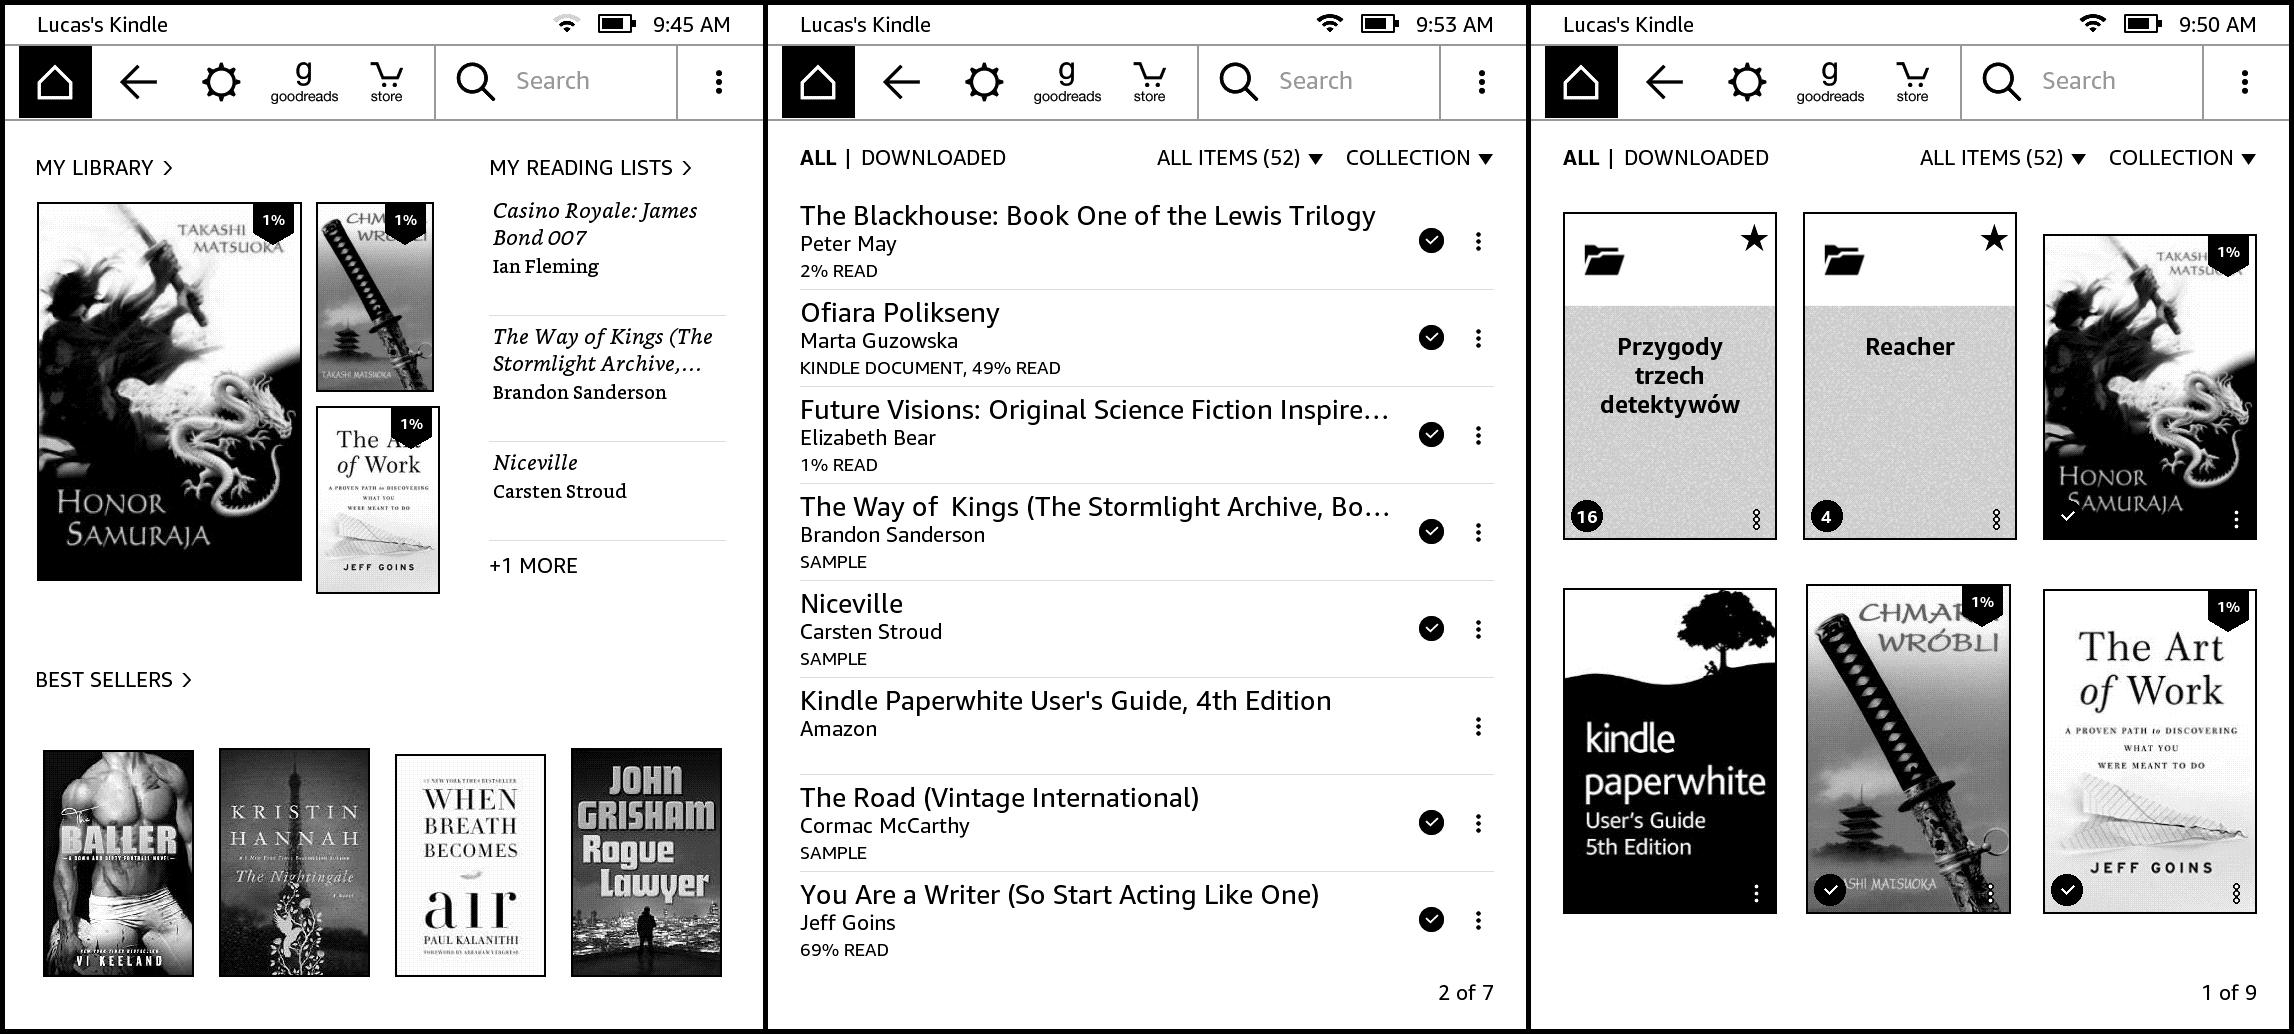 Aktualizacja Kindle zmienia głównie wygląd ekranu początkowego